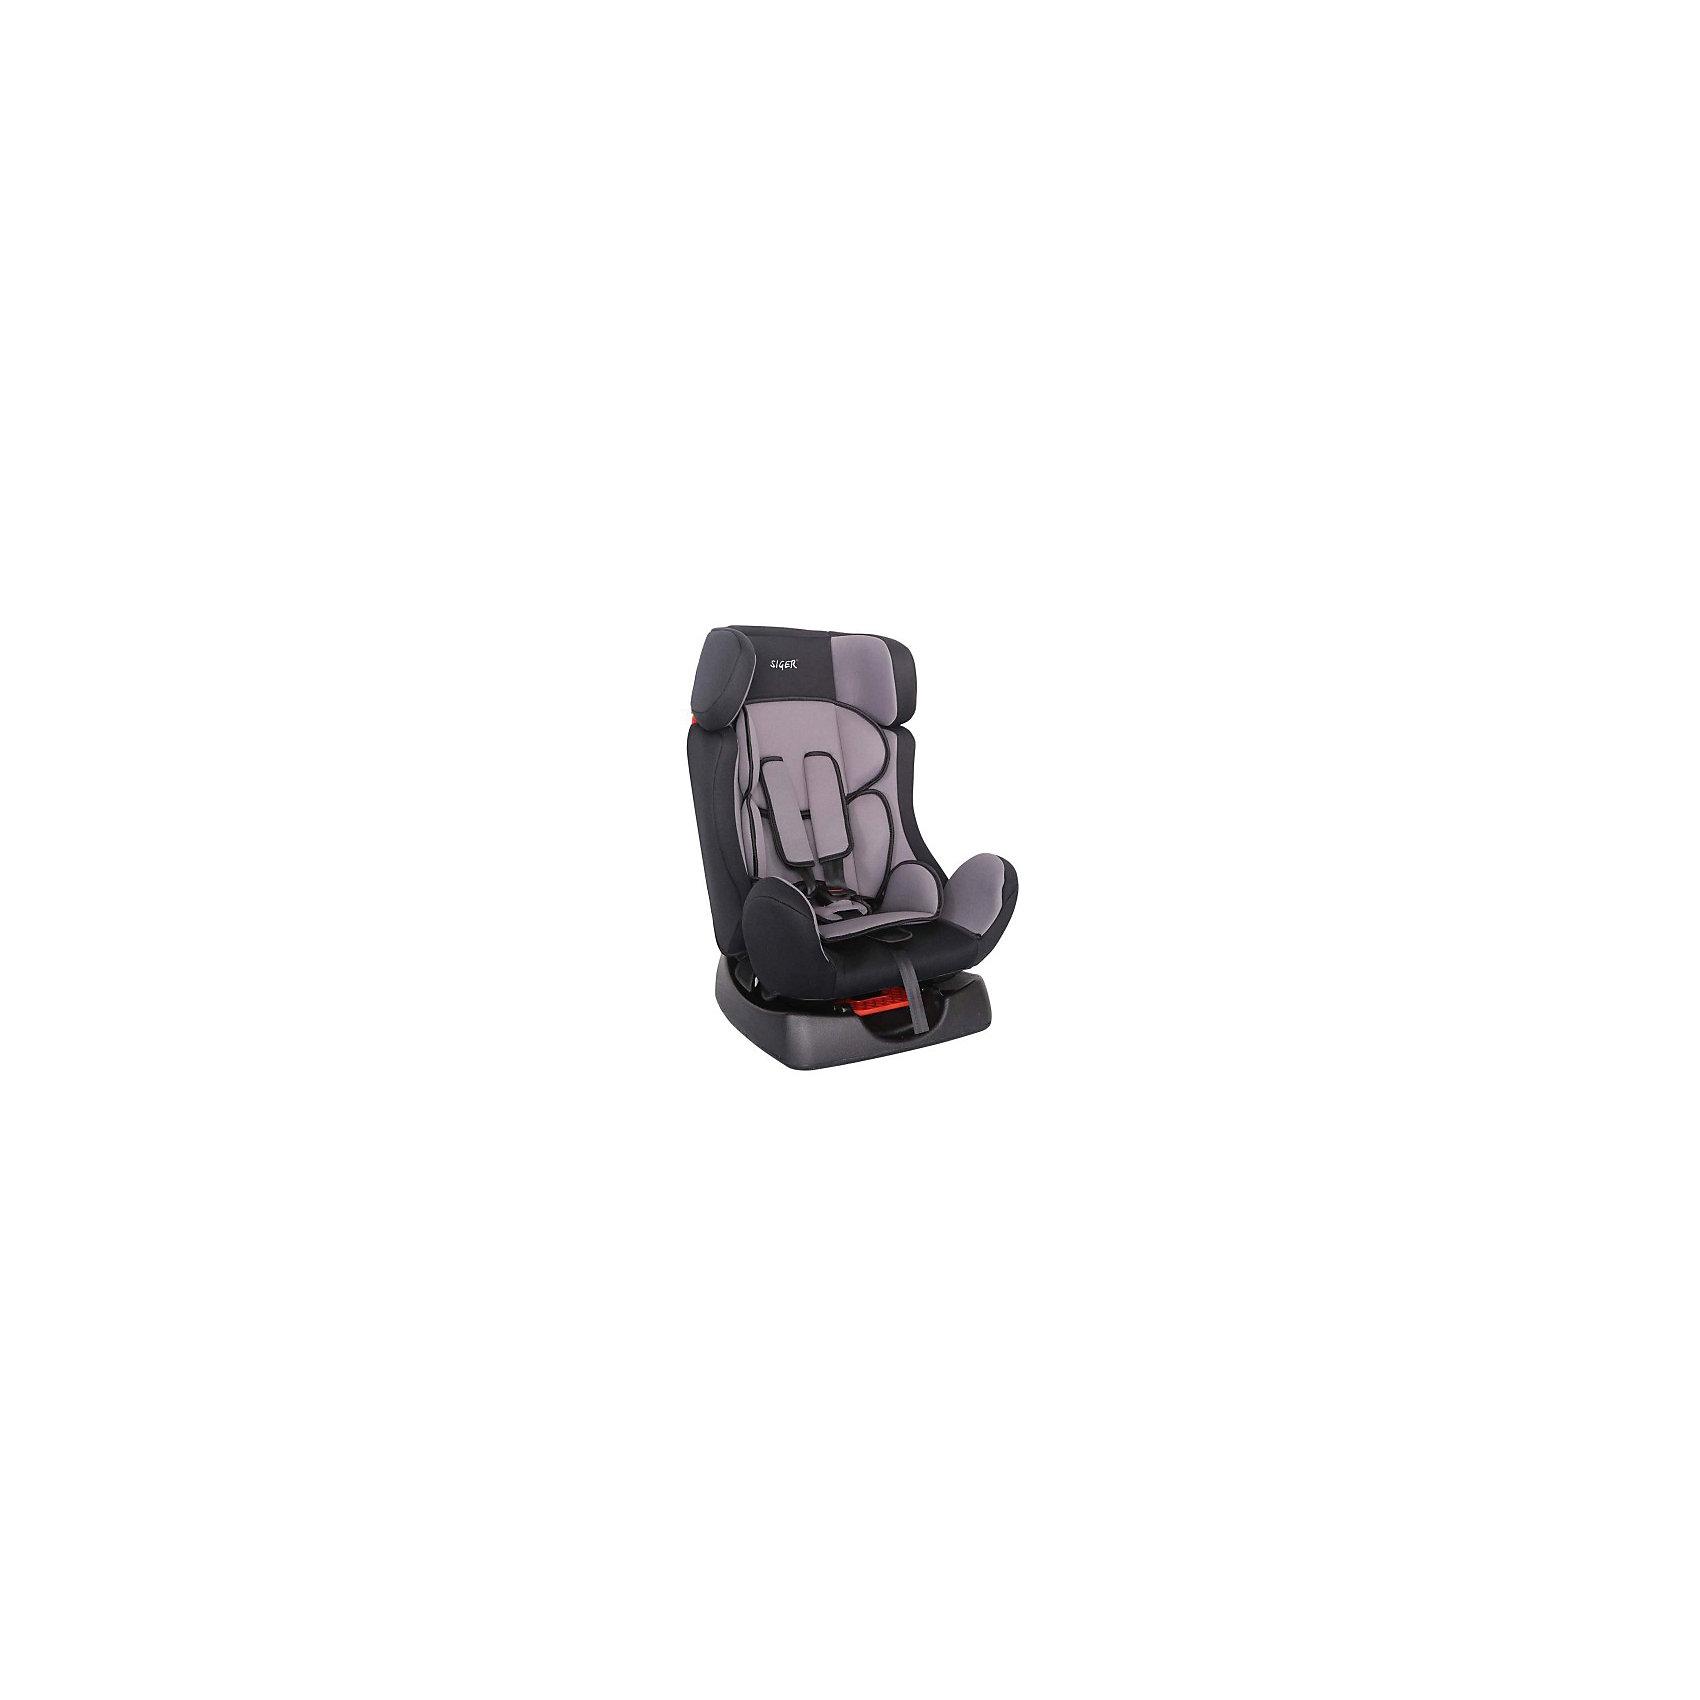 Автокресло Диона, 0-25 кг., Siger, серыйОсобенностью кресла Siger Диона является его универсальность, его можно использовать с момента рождения ребенка до того, как он пойдет в школу. Автокресло имеет надежную боковую защиту и прочные пятиточечные ремни, которые обеспечивают безопасность ребенка во время движения. Кресло имеет съёмный чехол, который легко переносит ручную или машинную стирку.<br><br>Дополнительная информация:<br><br>- Материал: текстиль, пластик, металл.<br>- Размер: 63x45x45 см<br>- Возраст: от 0 месяцев до 7 лет<br>- Группа: 1/2 (9-25 кг)<br>- Вес кресла: 5.7 кг<br>- Внутренние 5-точечные ремни безопасности<br>- 3 положения регулировки наклона кресла<br><br>Автокресло Диона, 0-25 кг., Siger, серый можно купить в нашем интернет-магазине.<br><br>Ширина мм: 450<br>Глубина мм: 450<br>Высота мм: 630<br>Вес г: 5700<br>Возраст от месяцев: 0<br>Возраст до месяцев: 84<br>Пол: Унисекс<br>Возраст: Детский<br>SKU: 4809123